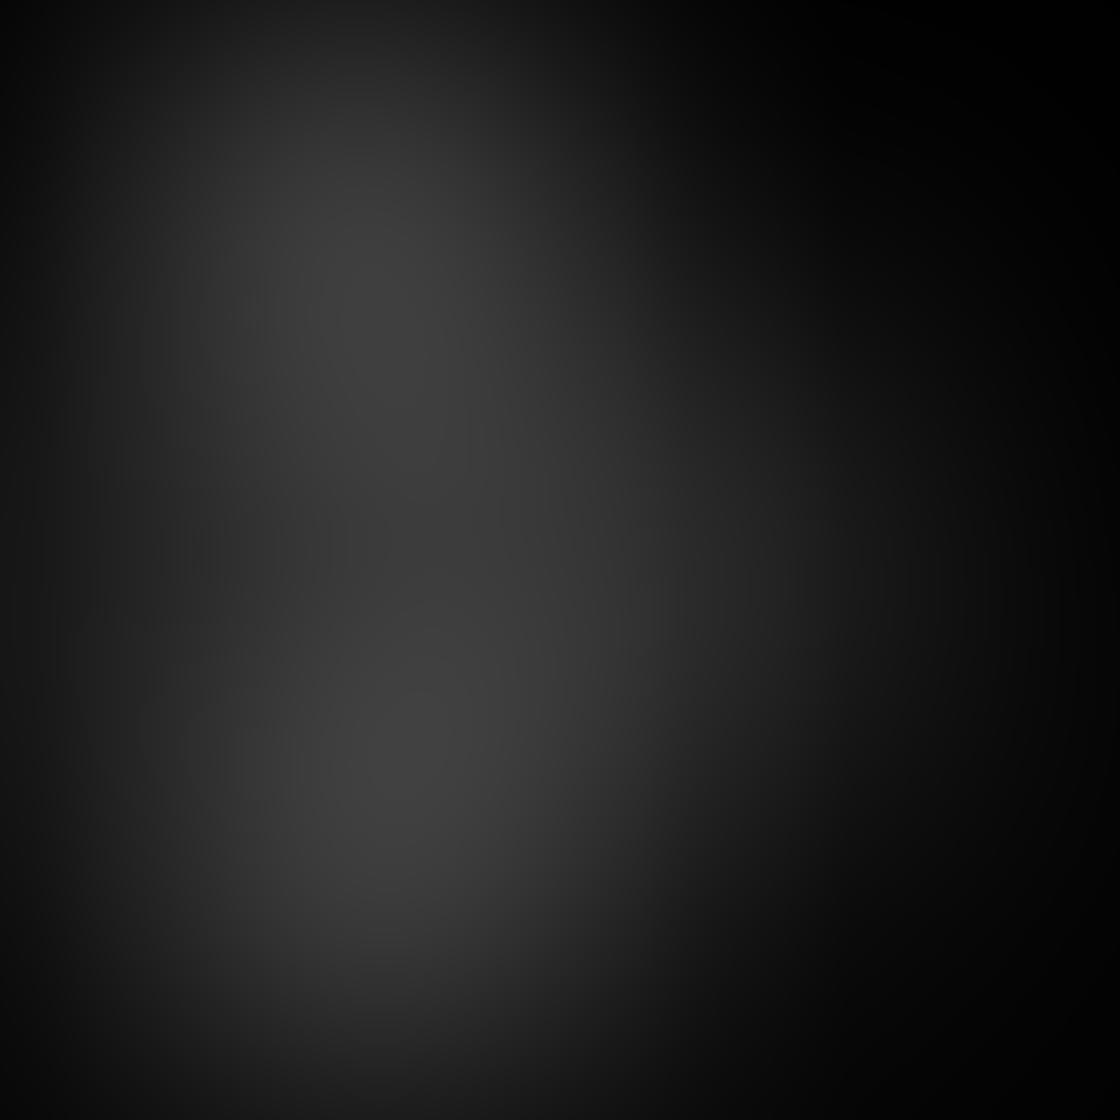 Artificial Light iPhone Photos 9